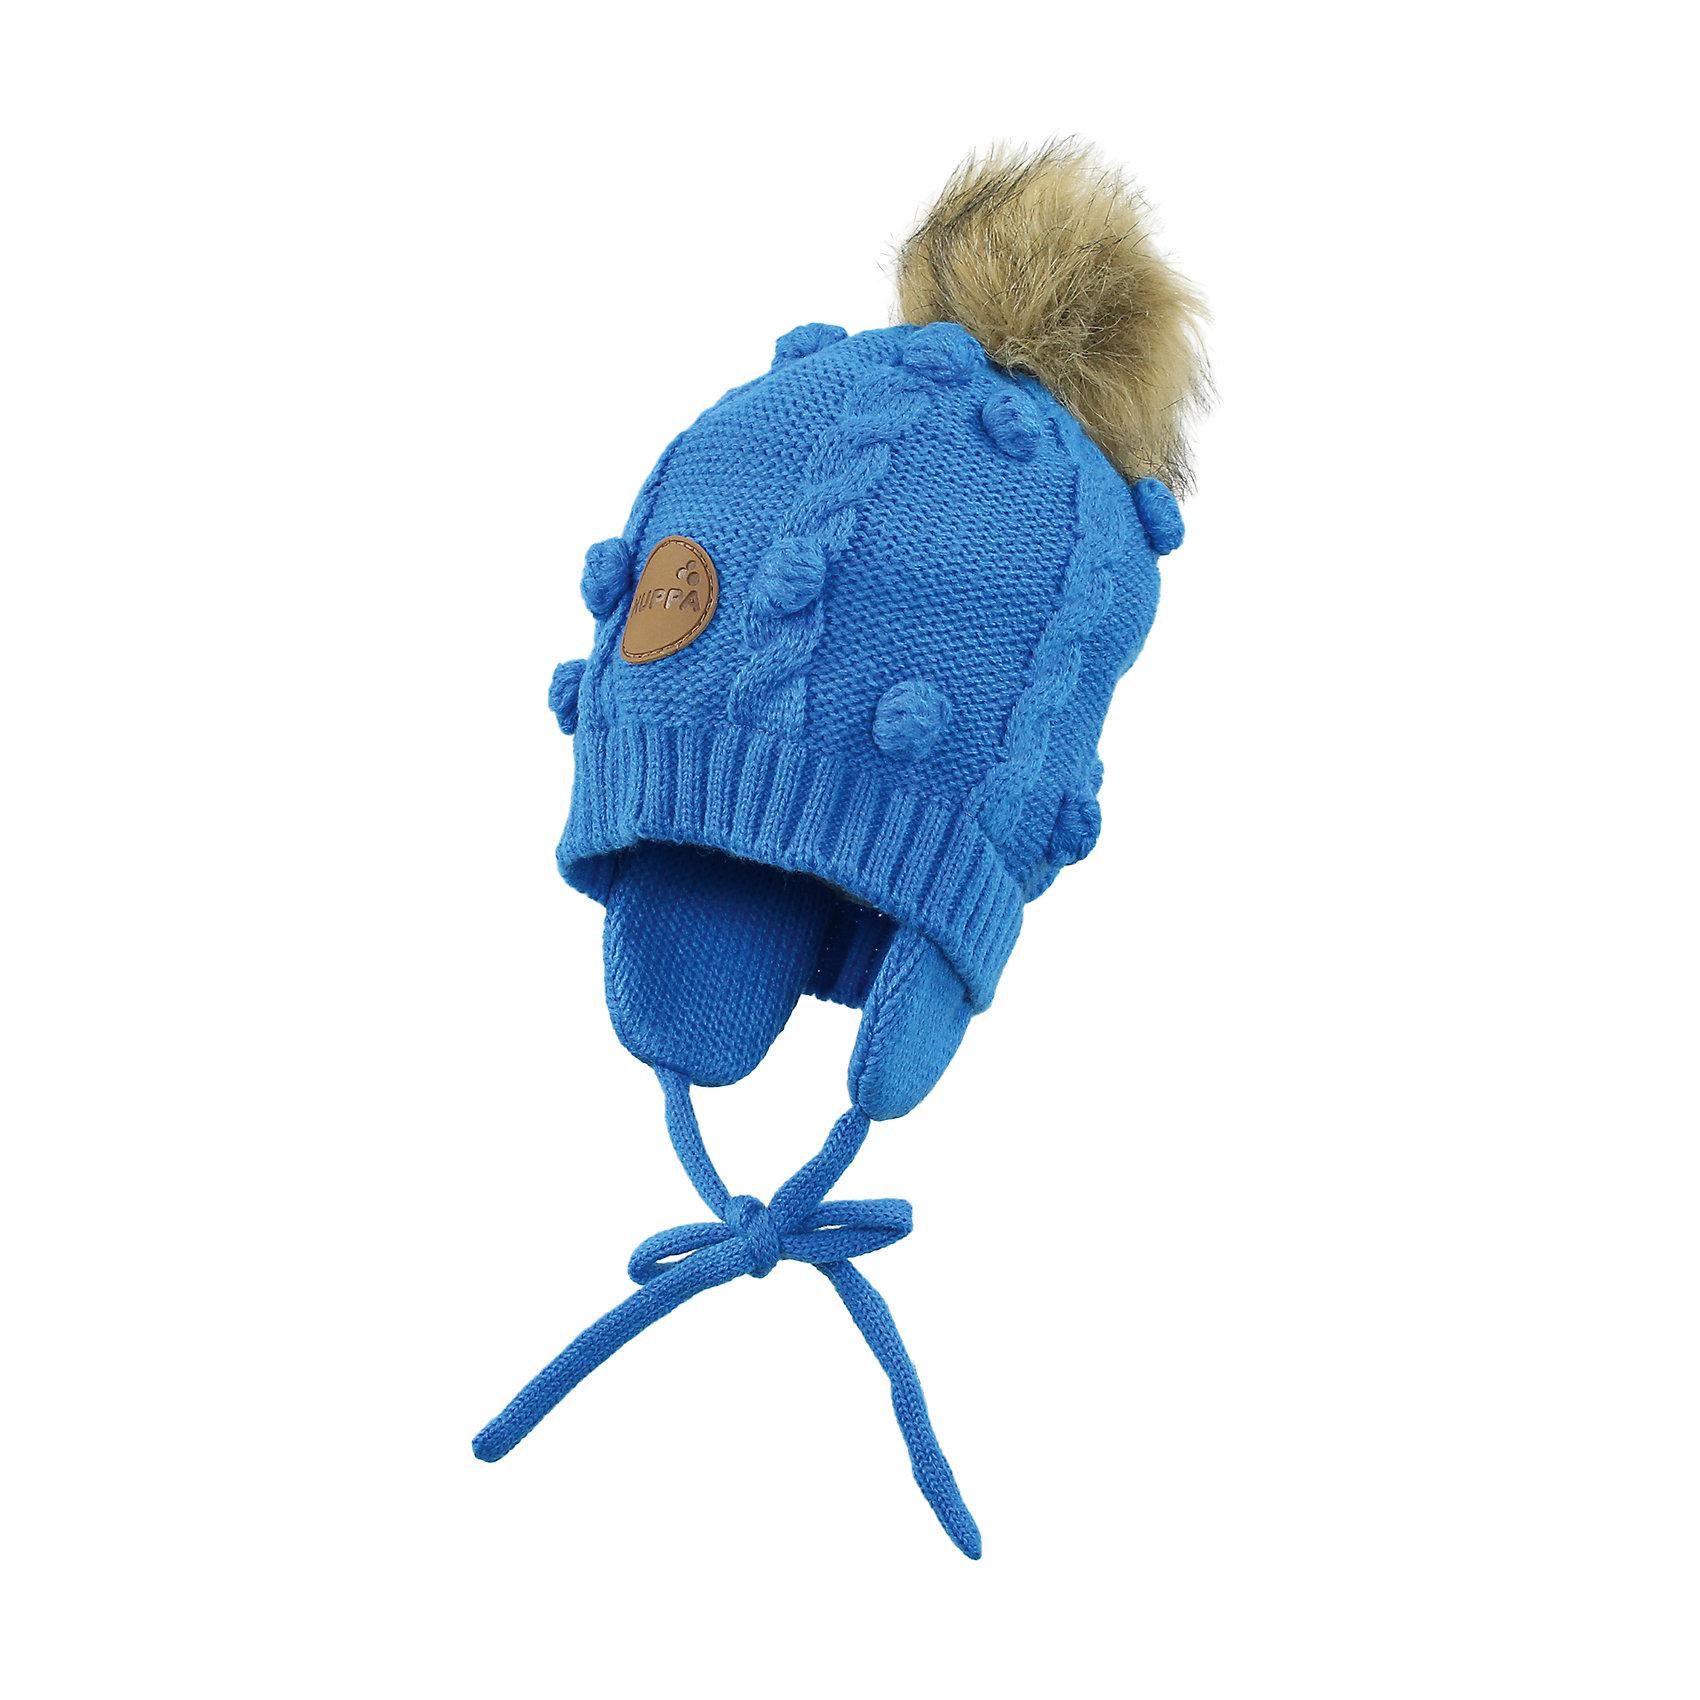 Шапка для мальчика HuppaГоловные уборы<br>Зимняя вязаная шапка с косичками для малышей. Подкладка из приятного хлопкового трикотажа и наружная часть из акриловой пряжи. Для удобства ношения у шапки есть ленты и защищающие уши от холода маленькие клапаны. В качестве украшения добавлен модный меховой помпон. <br><br>Шапку для мальчика Huppa (Хуппа) можно купить в нашем магазине.<br><br>Ширина мм: 89<br>Глубина мм: 117<br>Высота мм: 44<br>Вес г: 155<br>Цвет: голубой<br>Возраст от месяцев: 9<br>Возраст до месяцев: 12<br>Пол: Мужской<br>Возраст: Детский<br>Размер: 43-45,51-53,47-49<br>SKU: 4242900